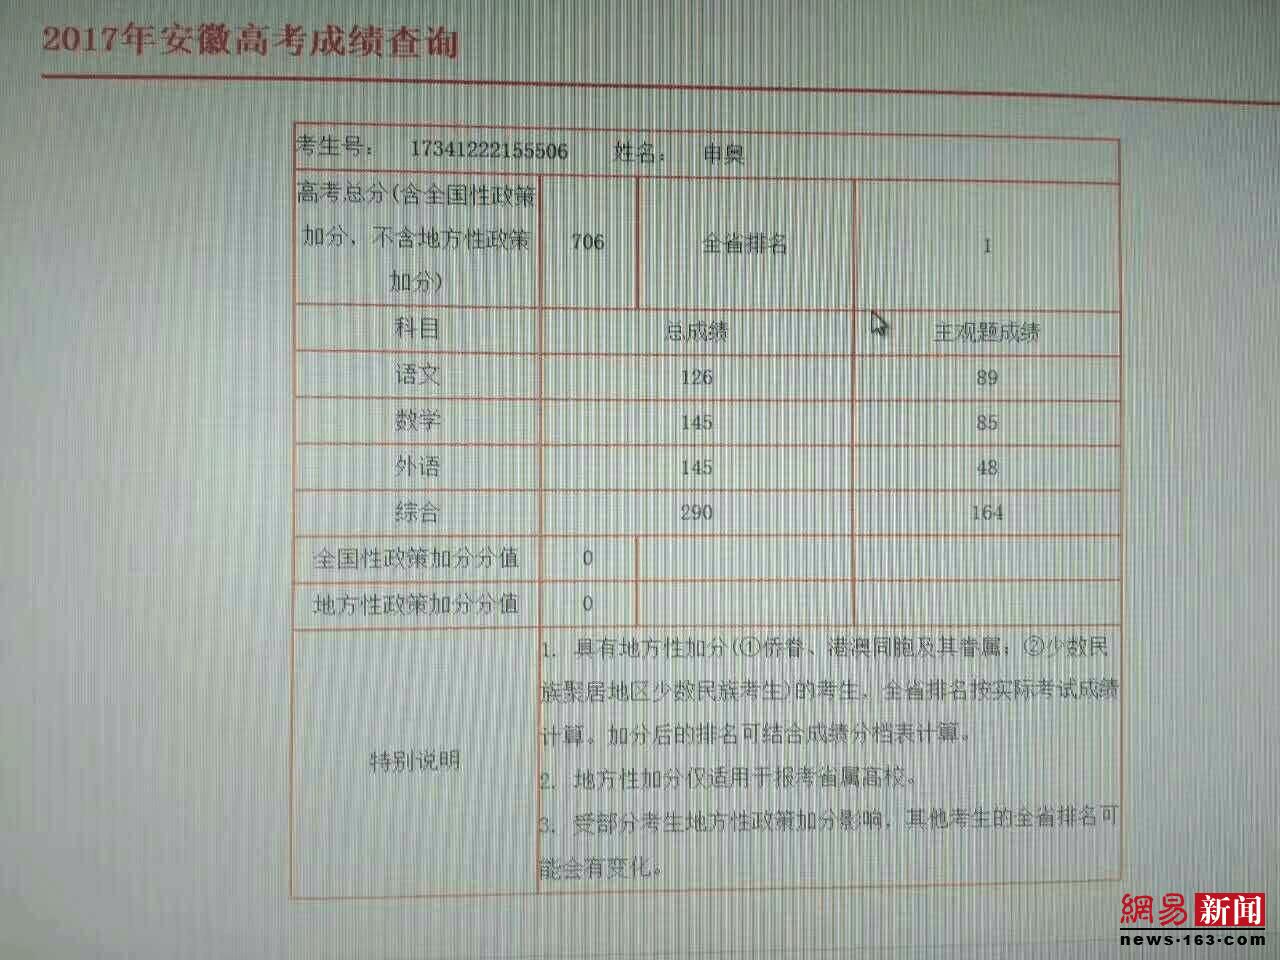 快讯!2017安徽省高考理科状元为太和中学申奥